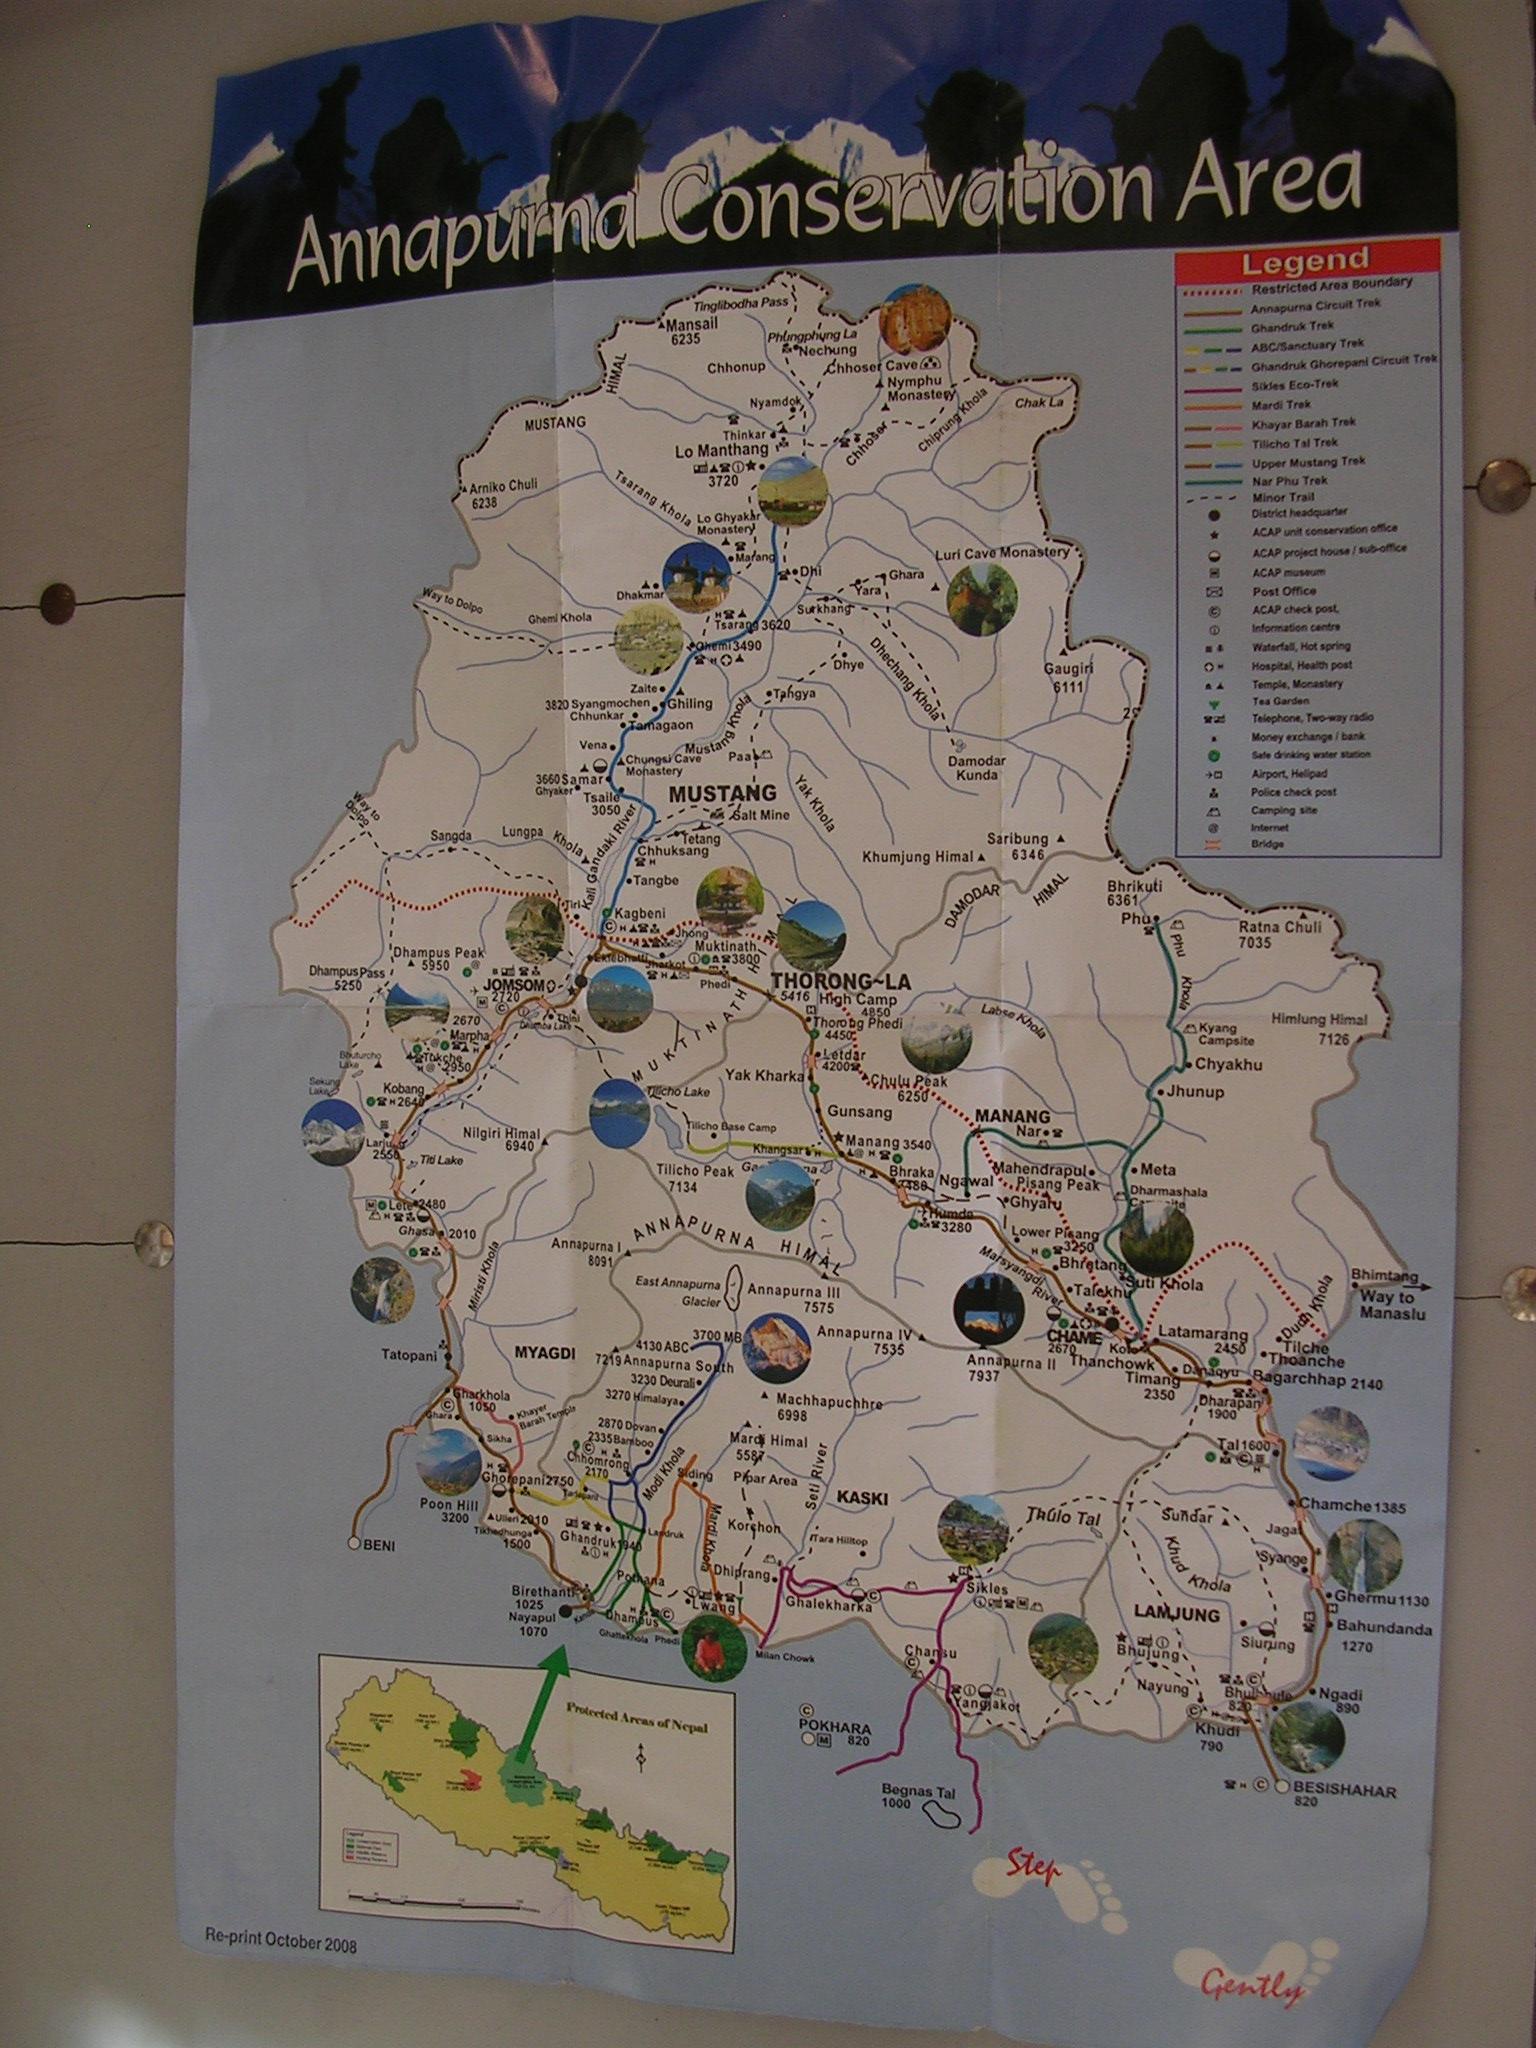 尼泊尔地图_金秋十四日尼泊尔之旅--神秘的国度,难忘的徒步!_尼泊尔旅游 ...